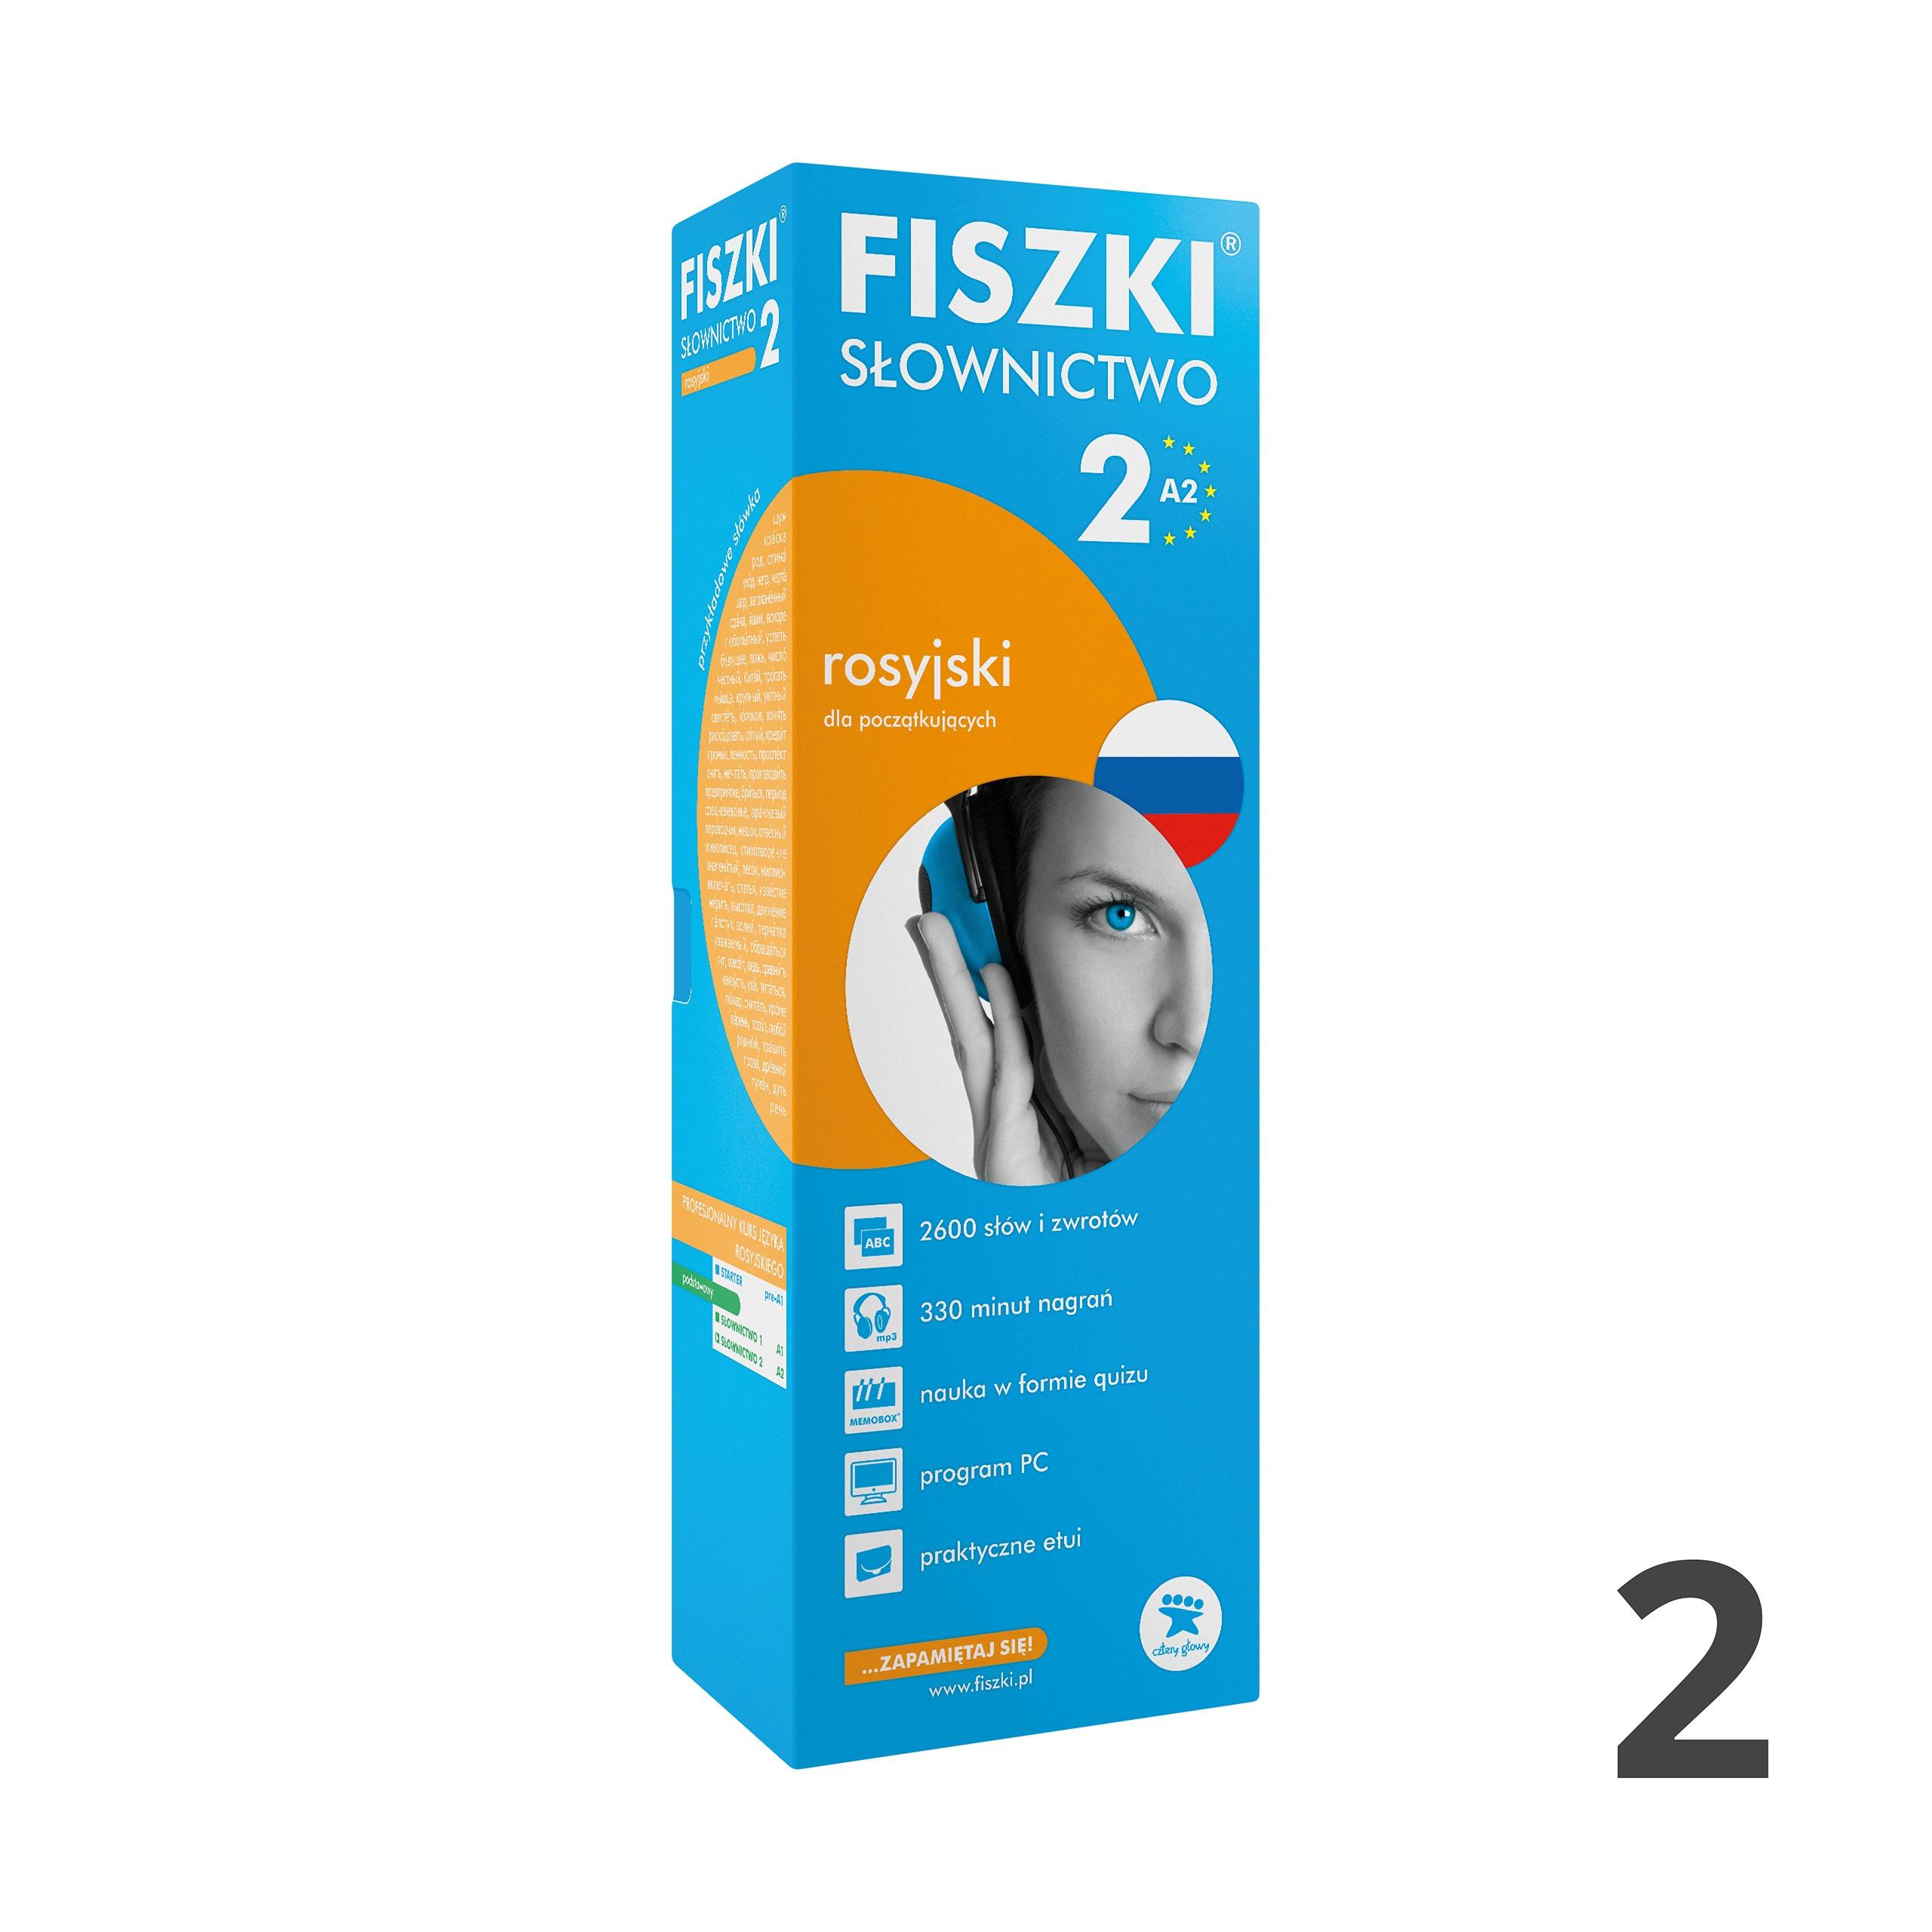 FISZKI - rosyjski - Słownictwo 2 (A2)